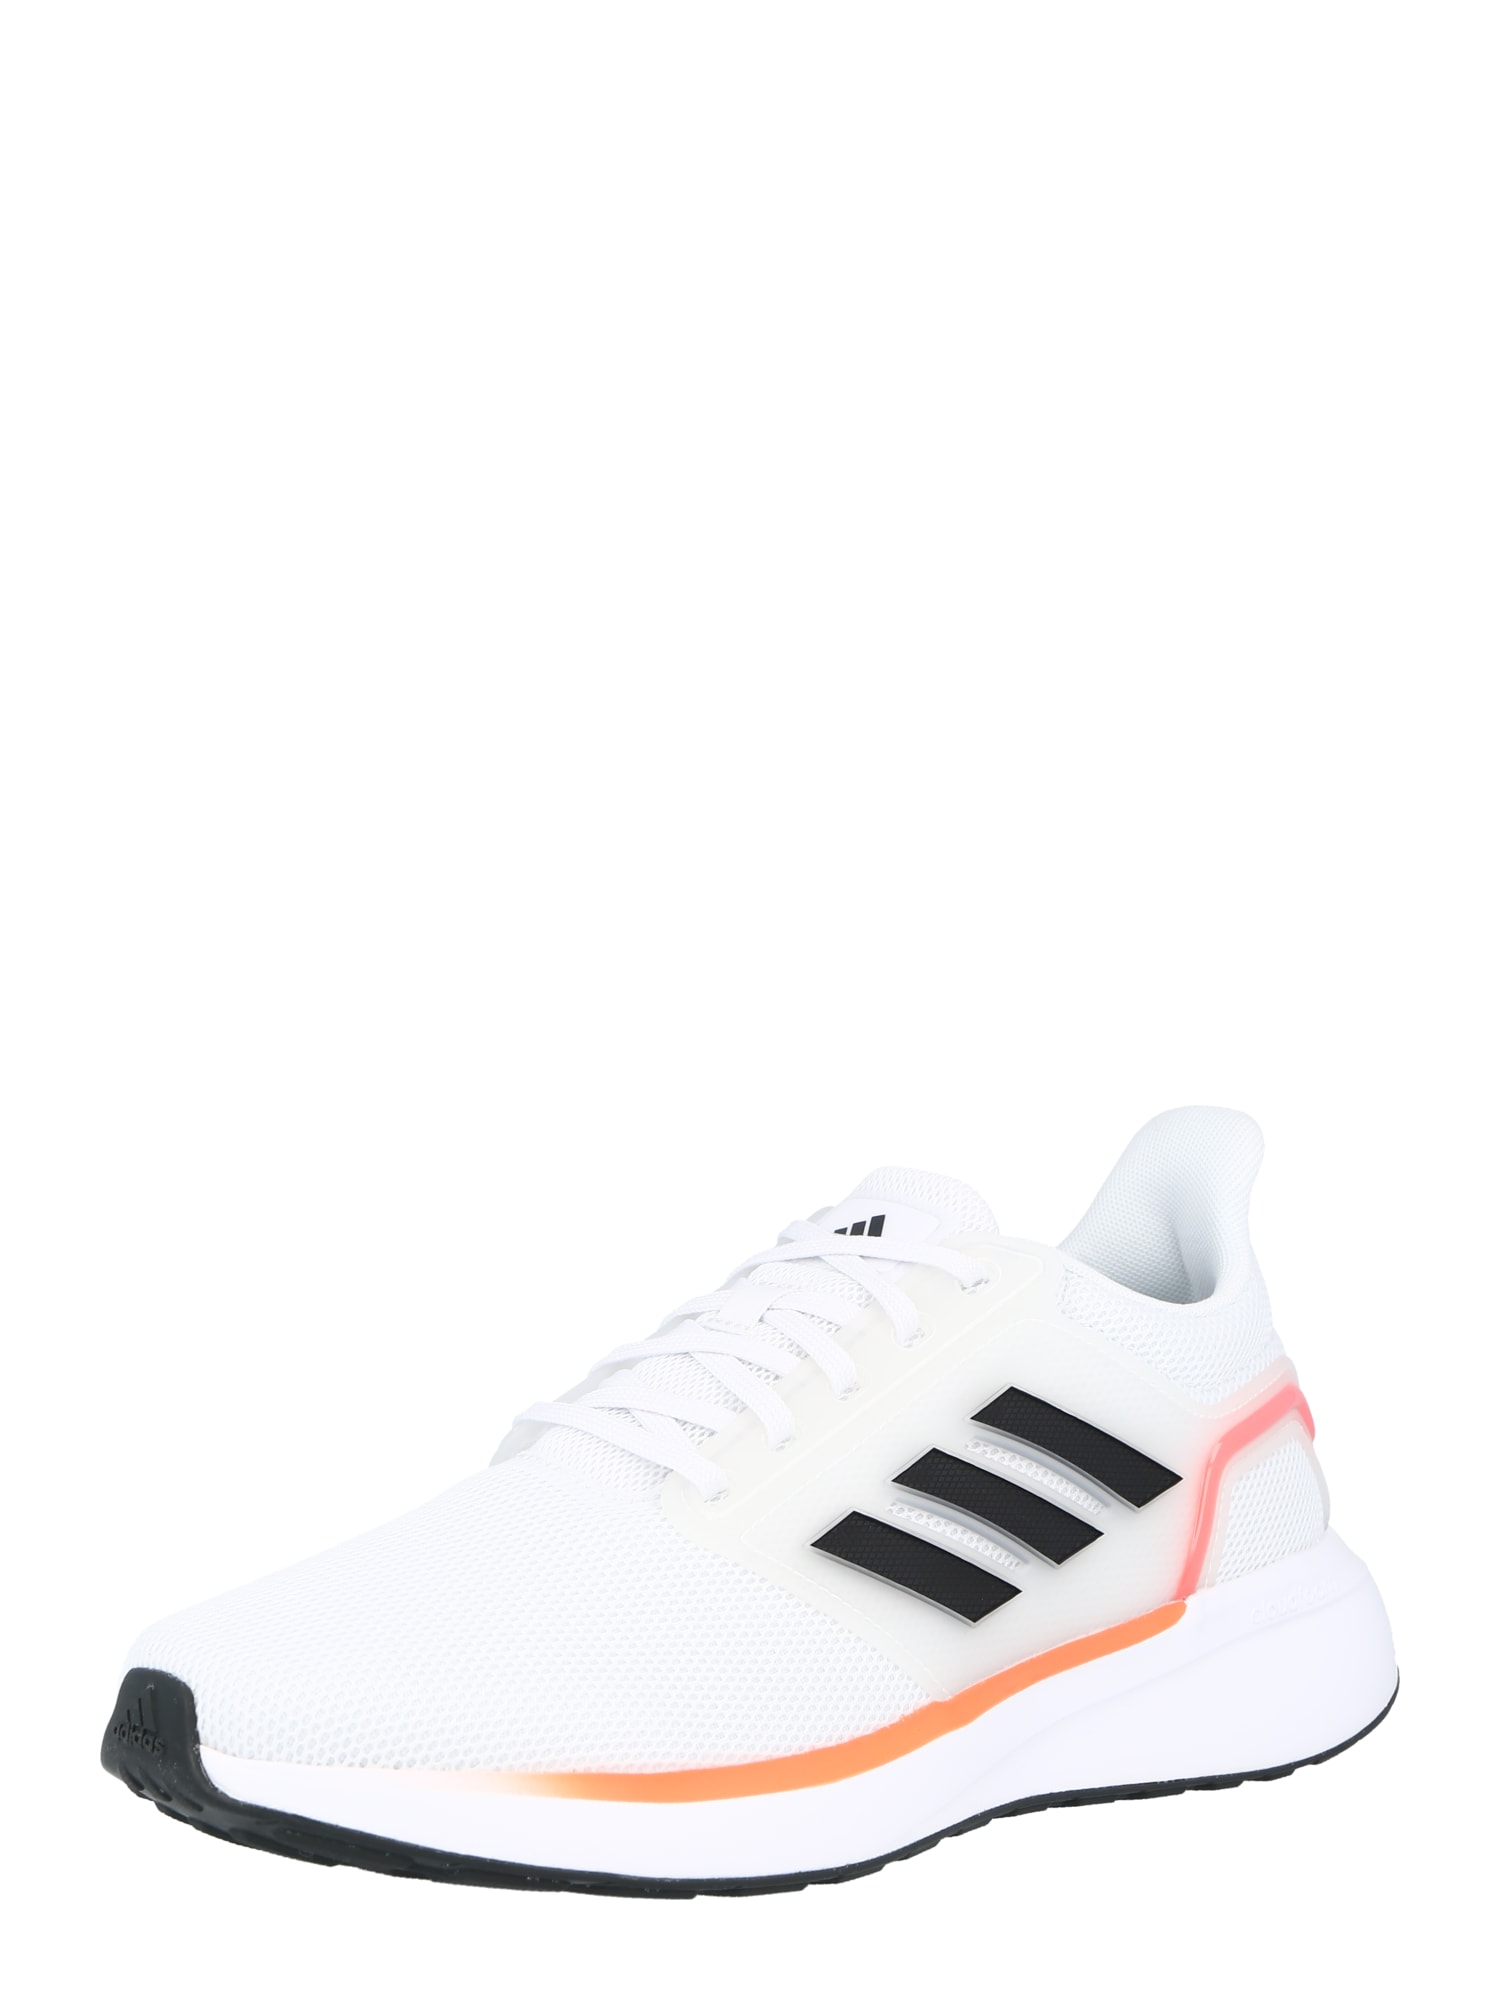 ADIDAS PERFORMANCE Bėgimo batai balta / juoda / tamsiai oranžinė